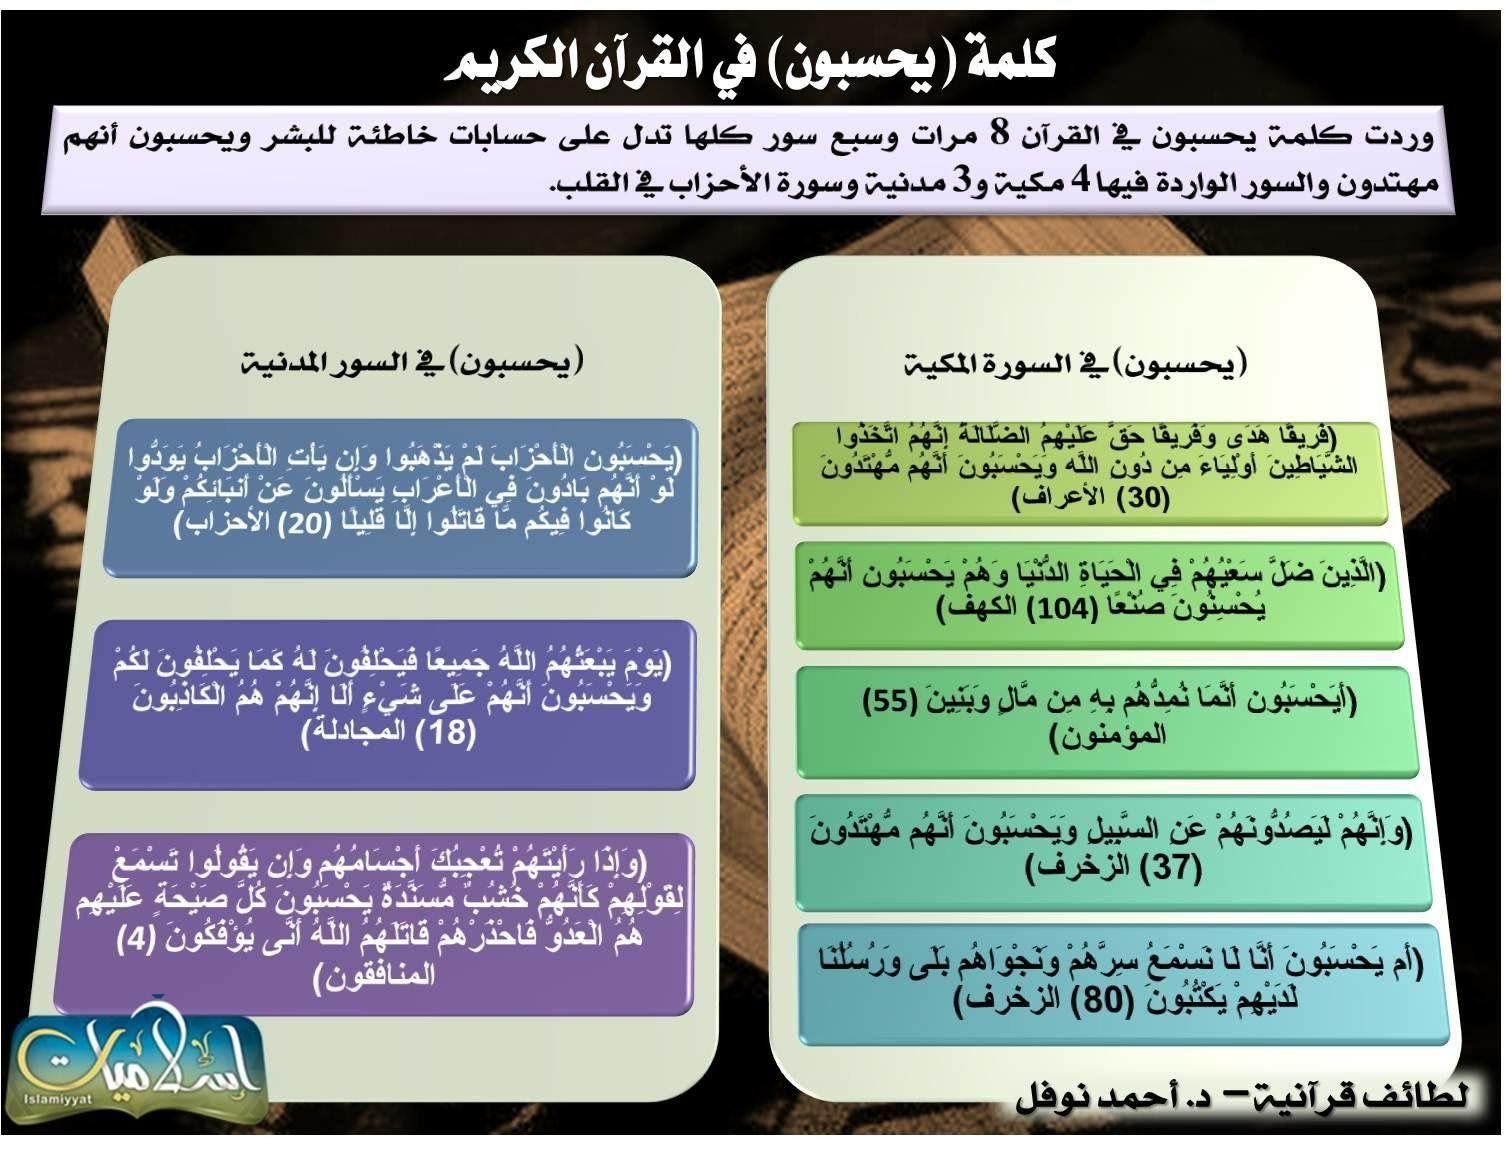 كلمة يحسبون في القران Quran Islam Beliefs Quran With English Translation